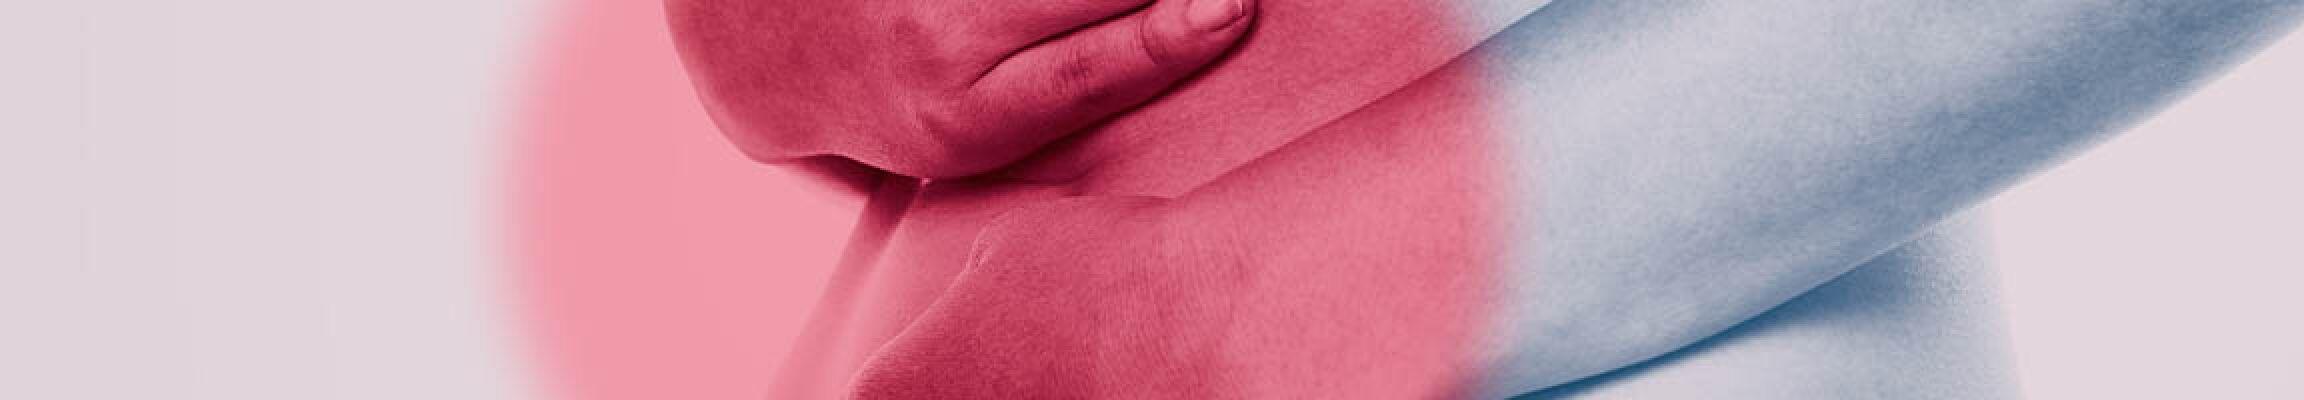 Glutenunverträglichkeit, Zöliakie und das Klebereiweiß